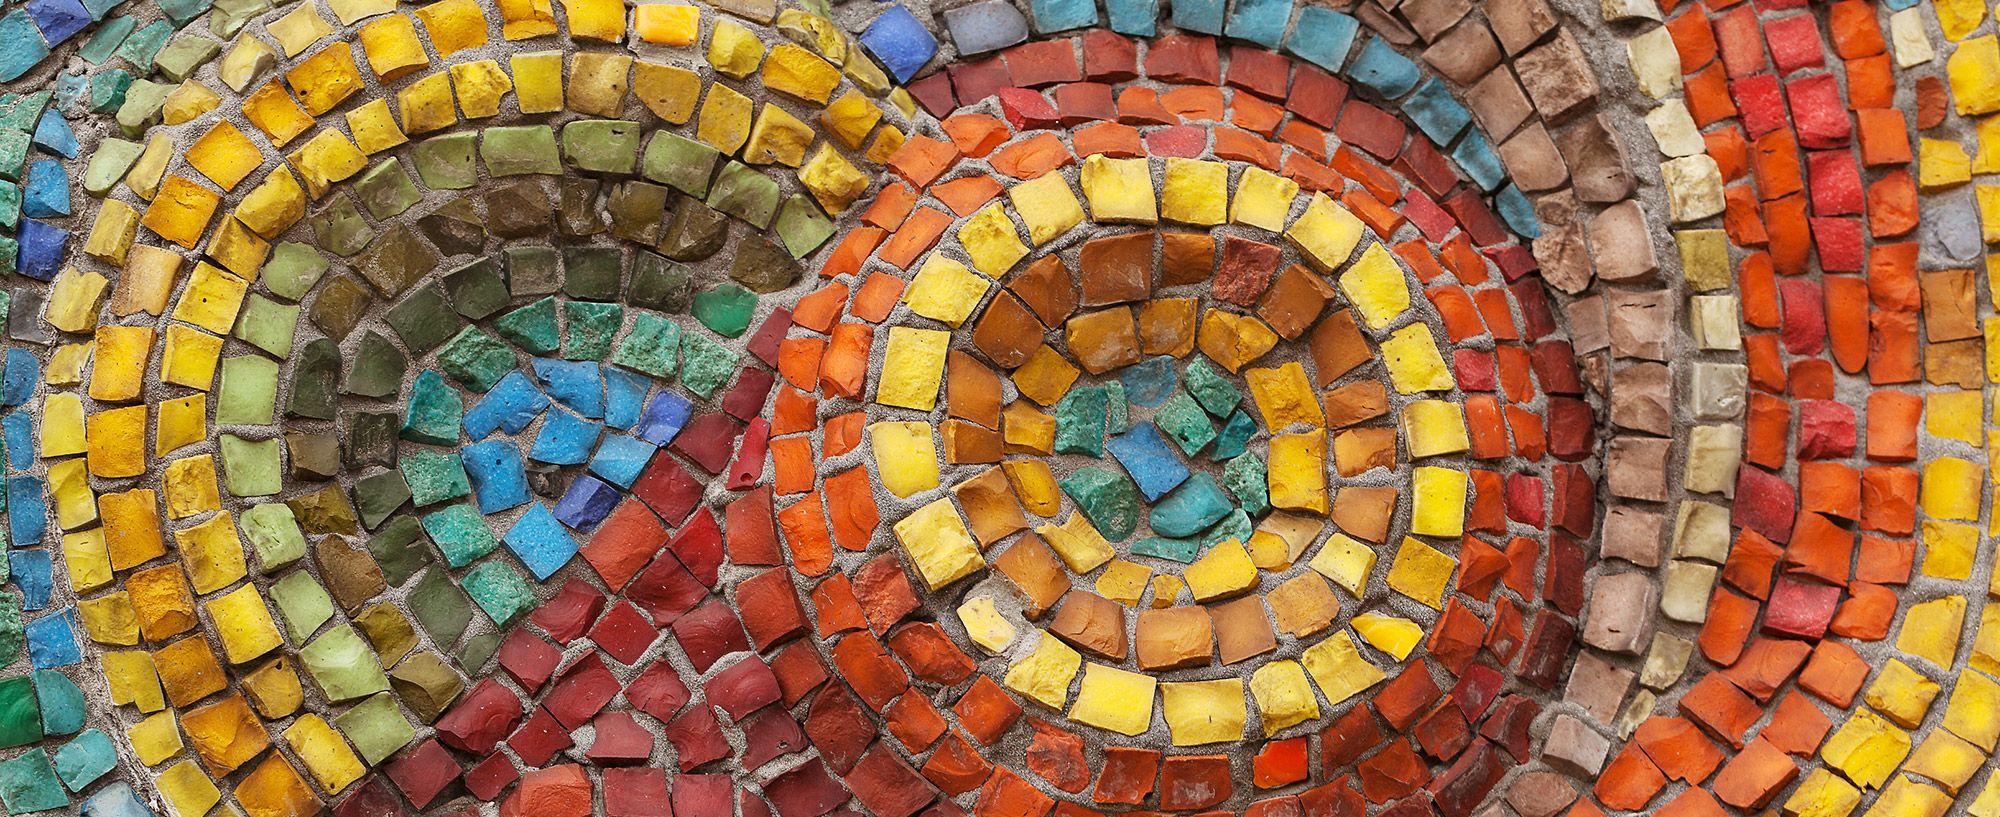 Mosaik mit bunten Steinen